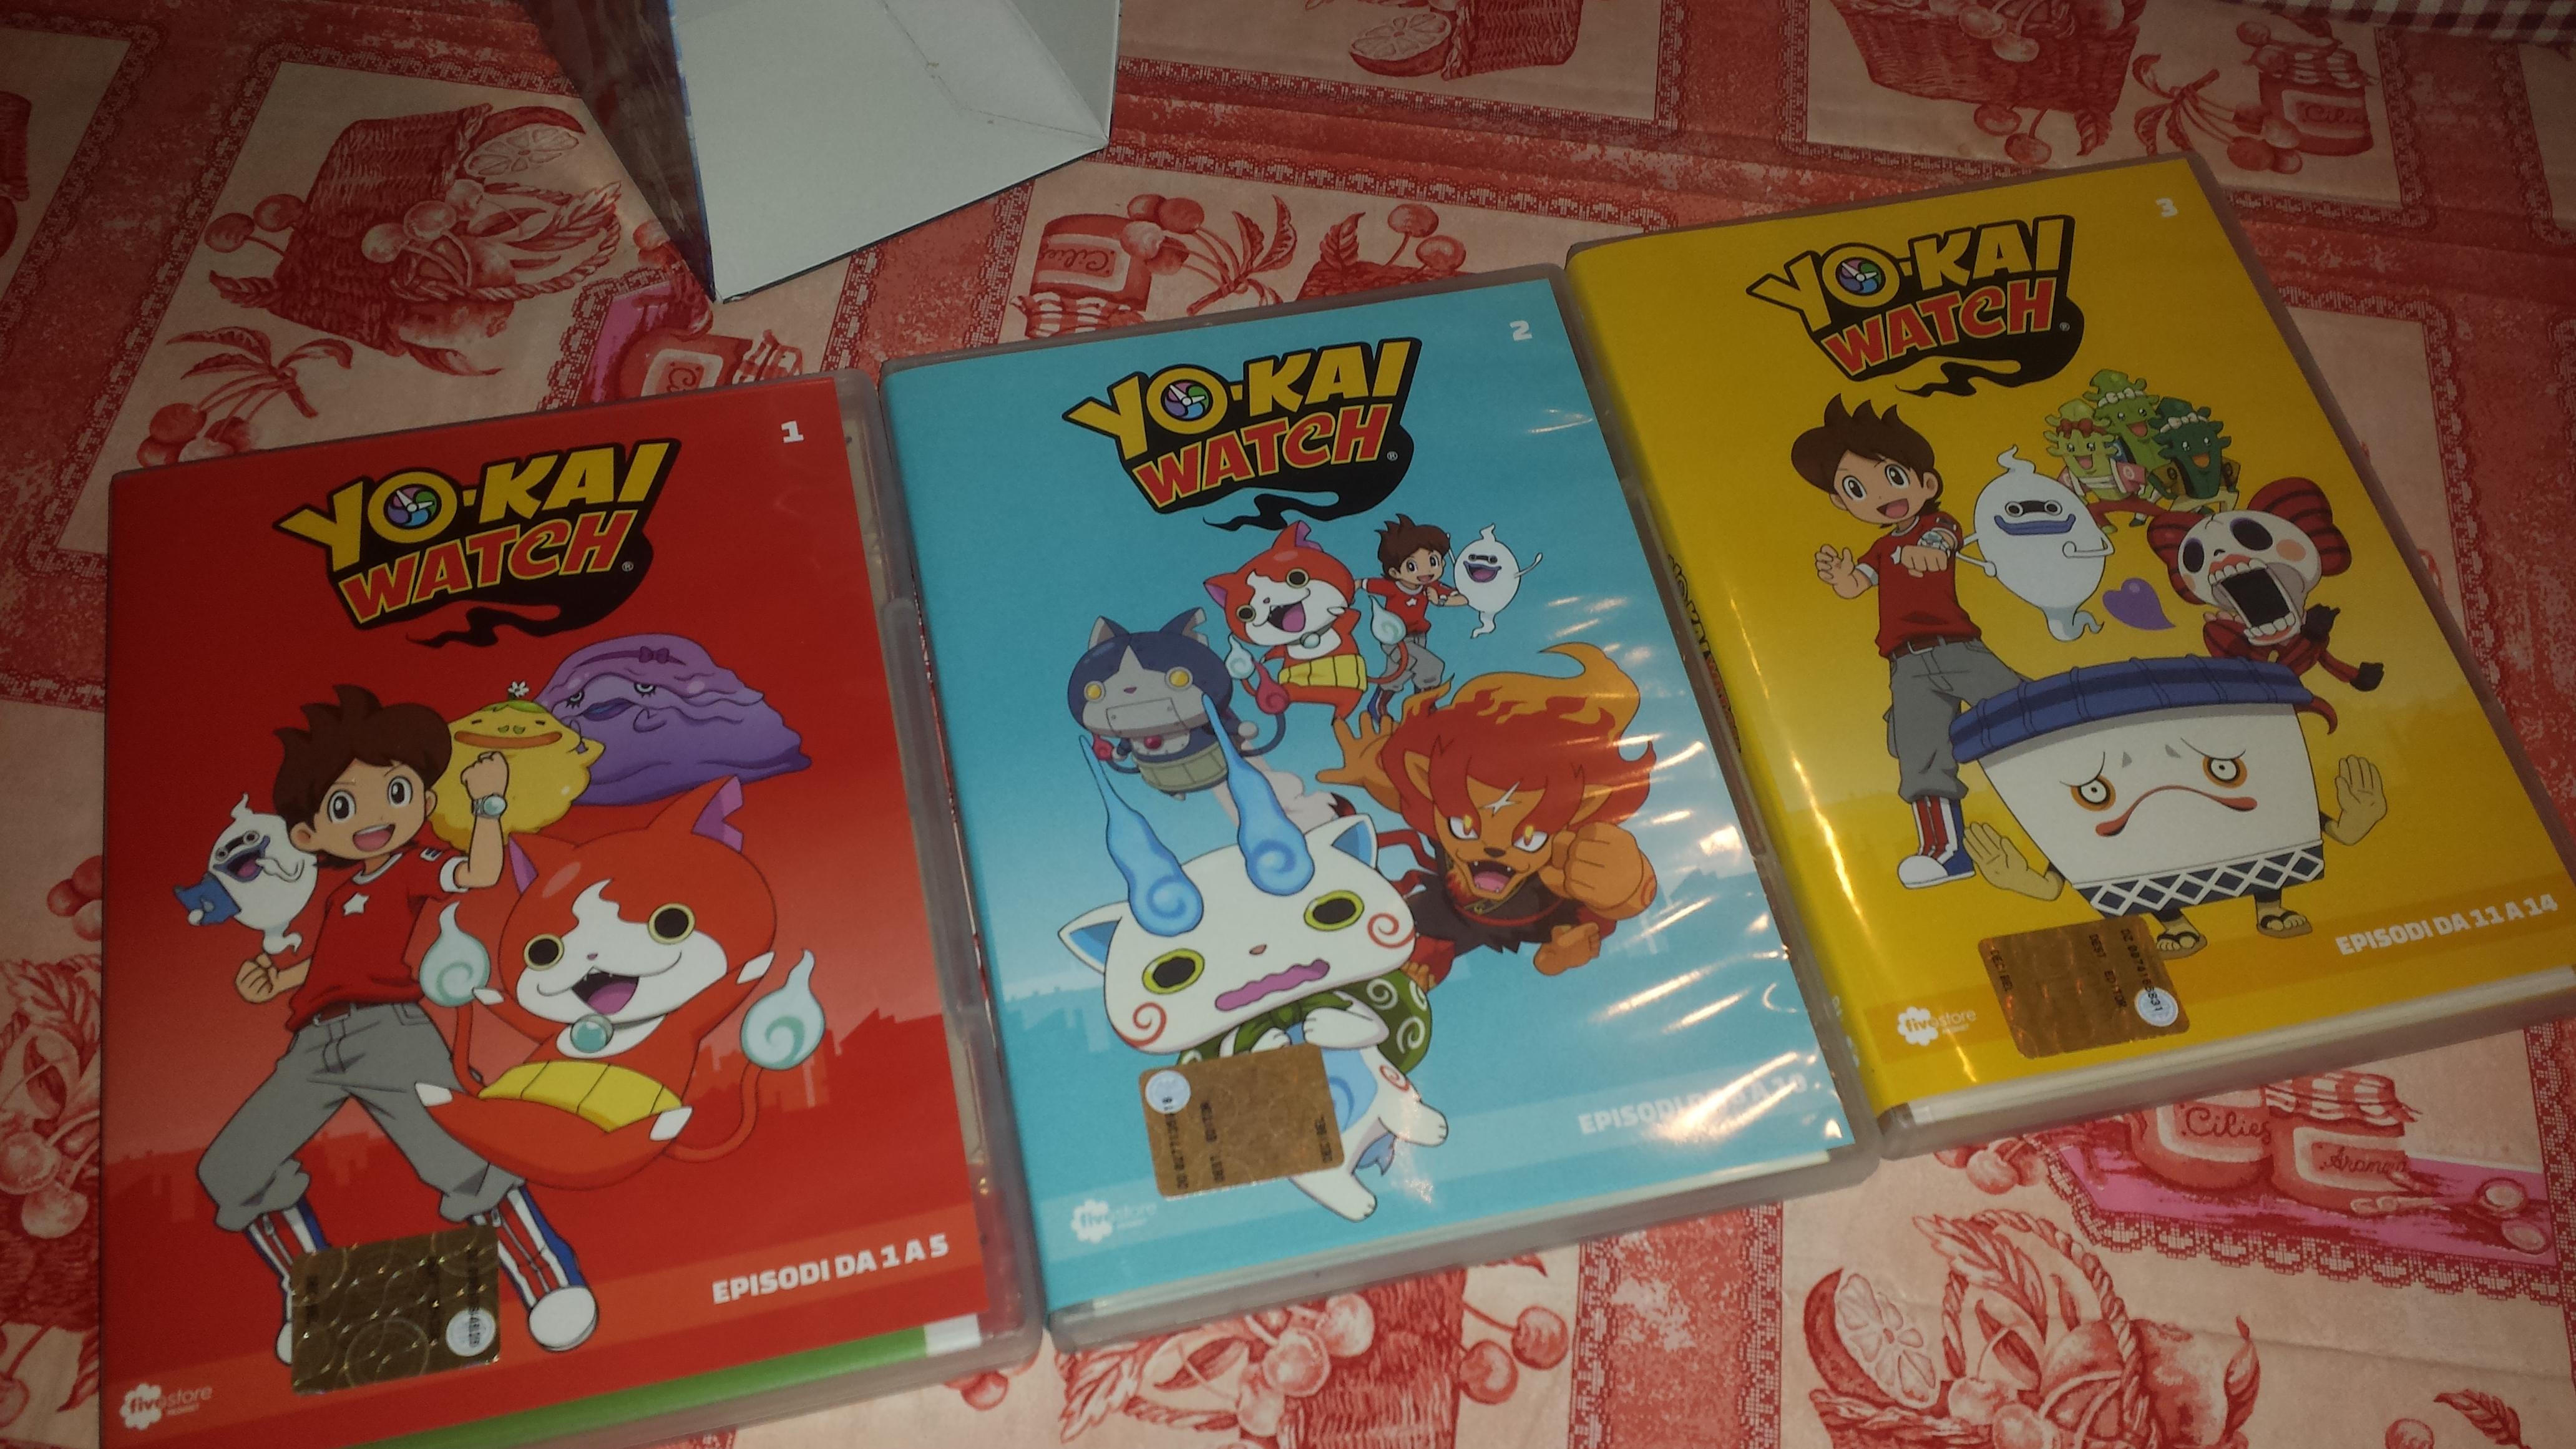 Yo kai watch la serie animata vol spiritelli per